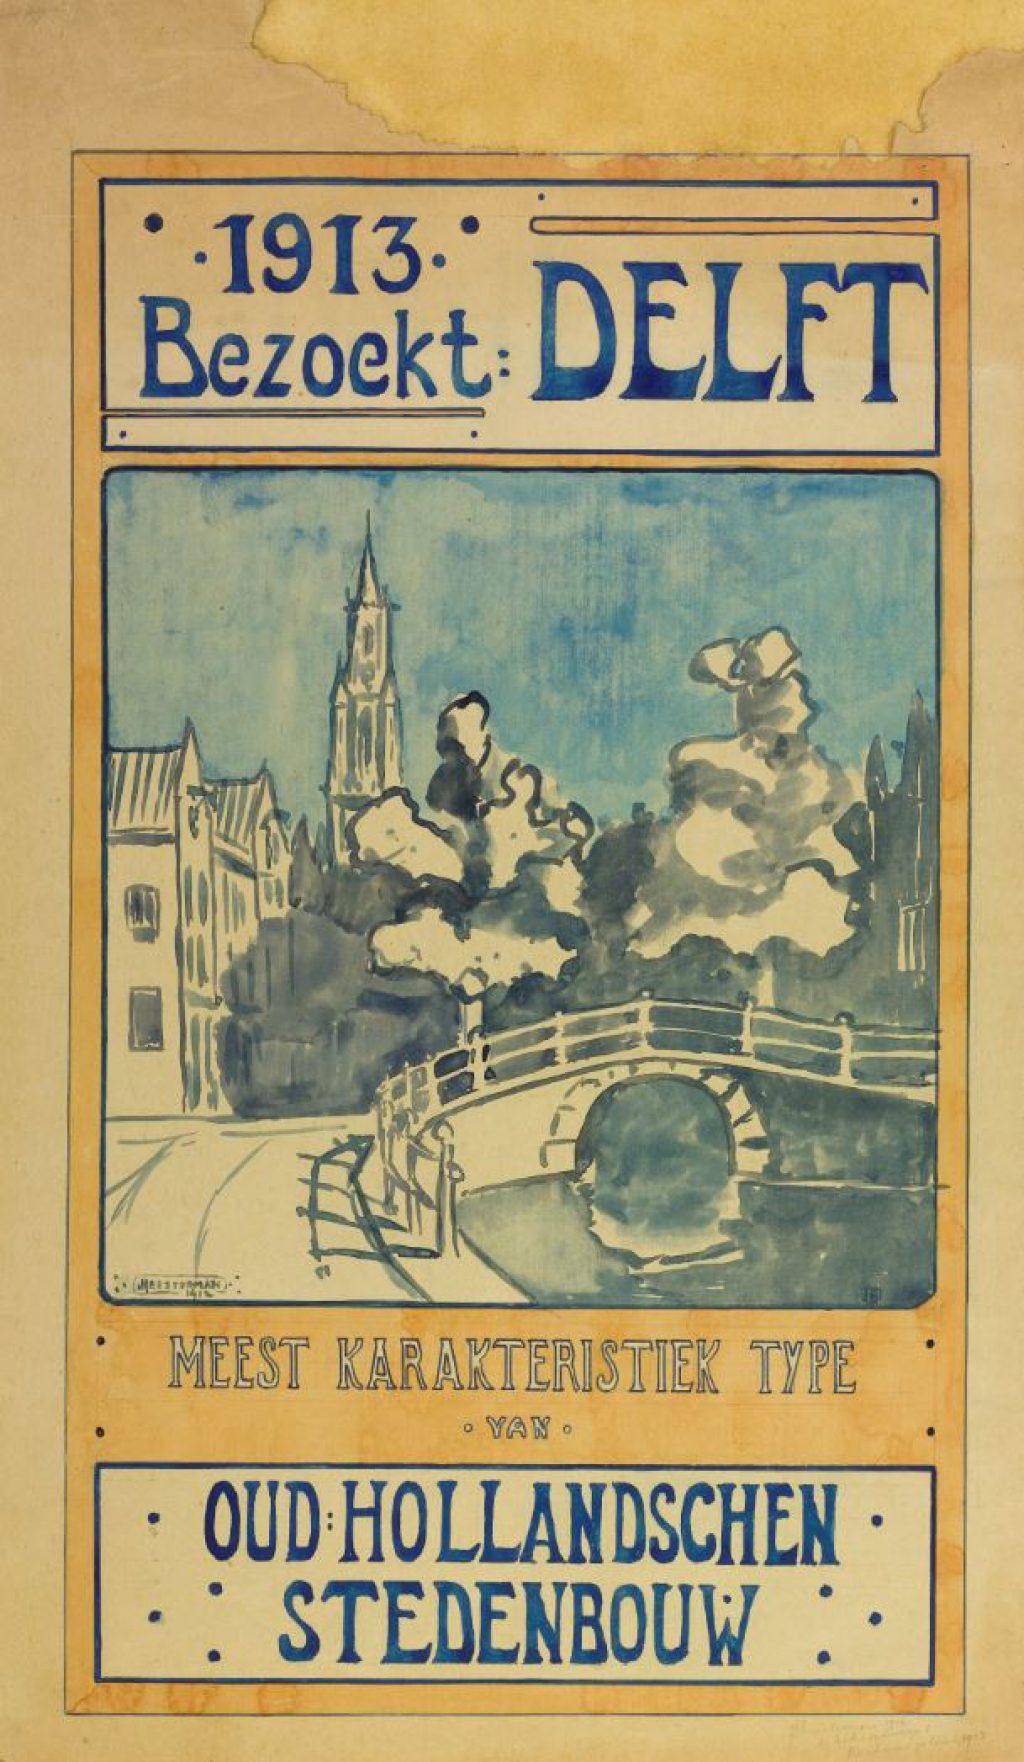 Jan Heesterman, ontwerp van een promotieaffiche voor Delft, 1912 (TMS 65360)